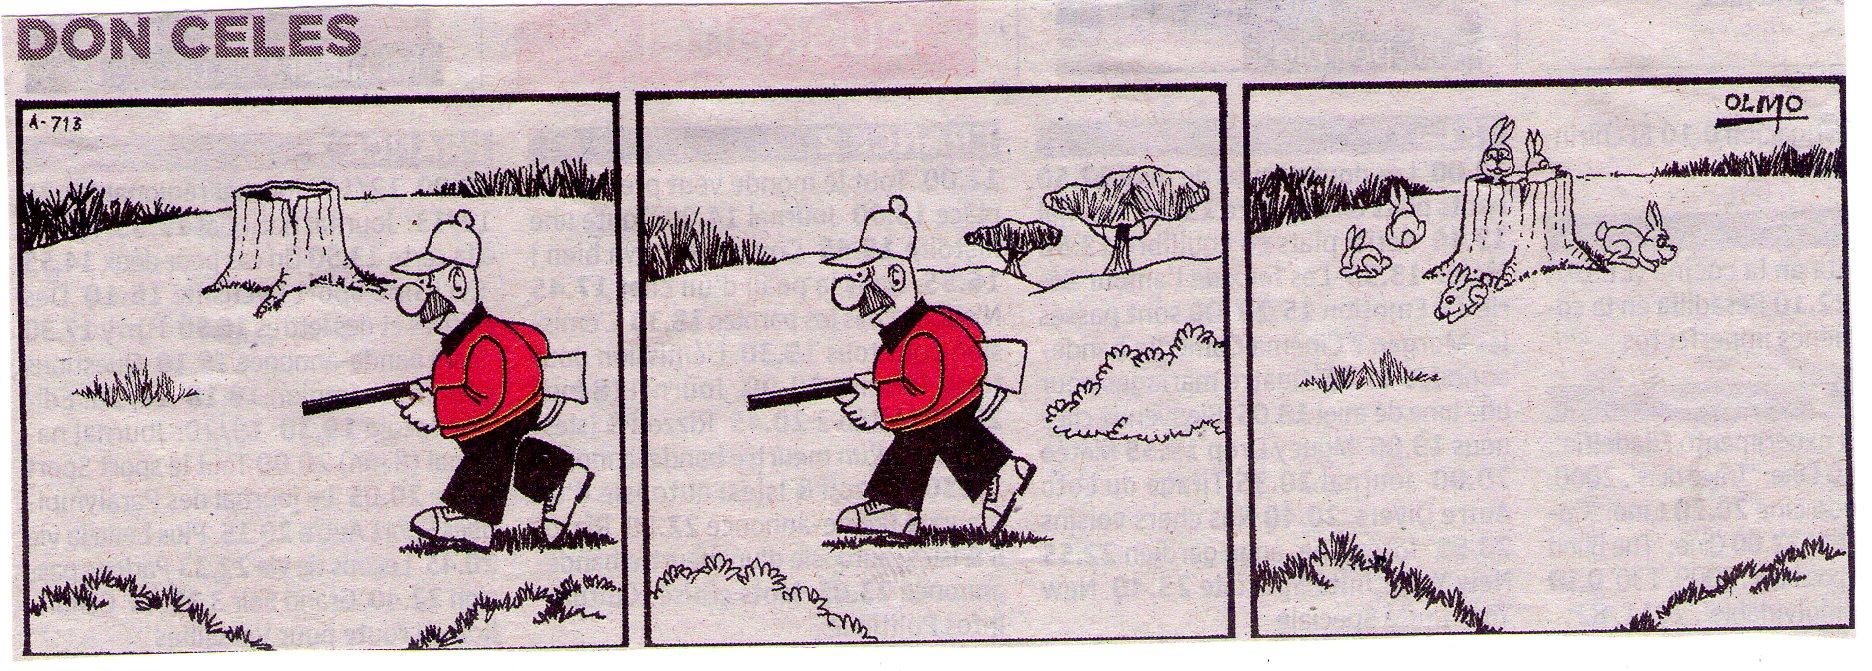 Don Celes y los conejos inteligentes